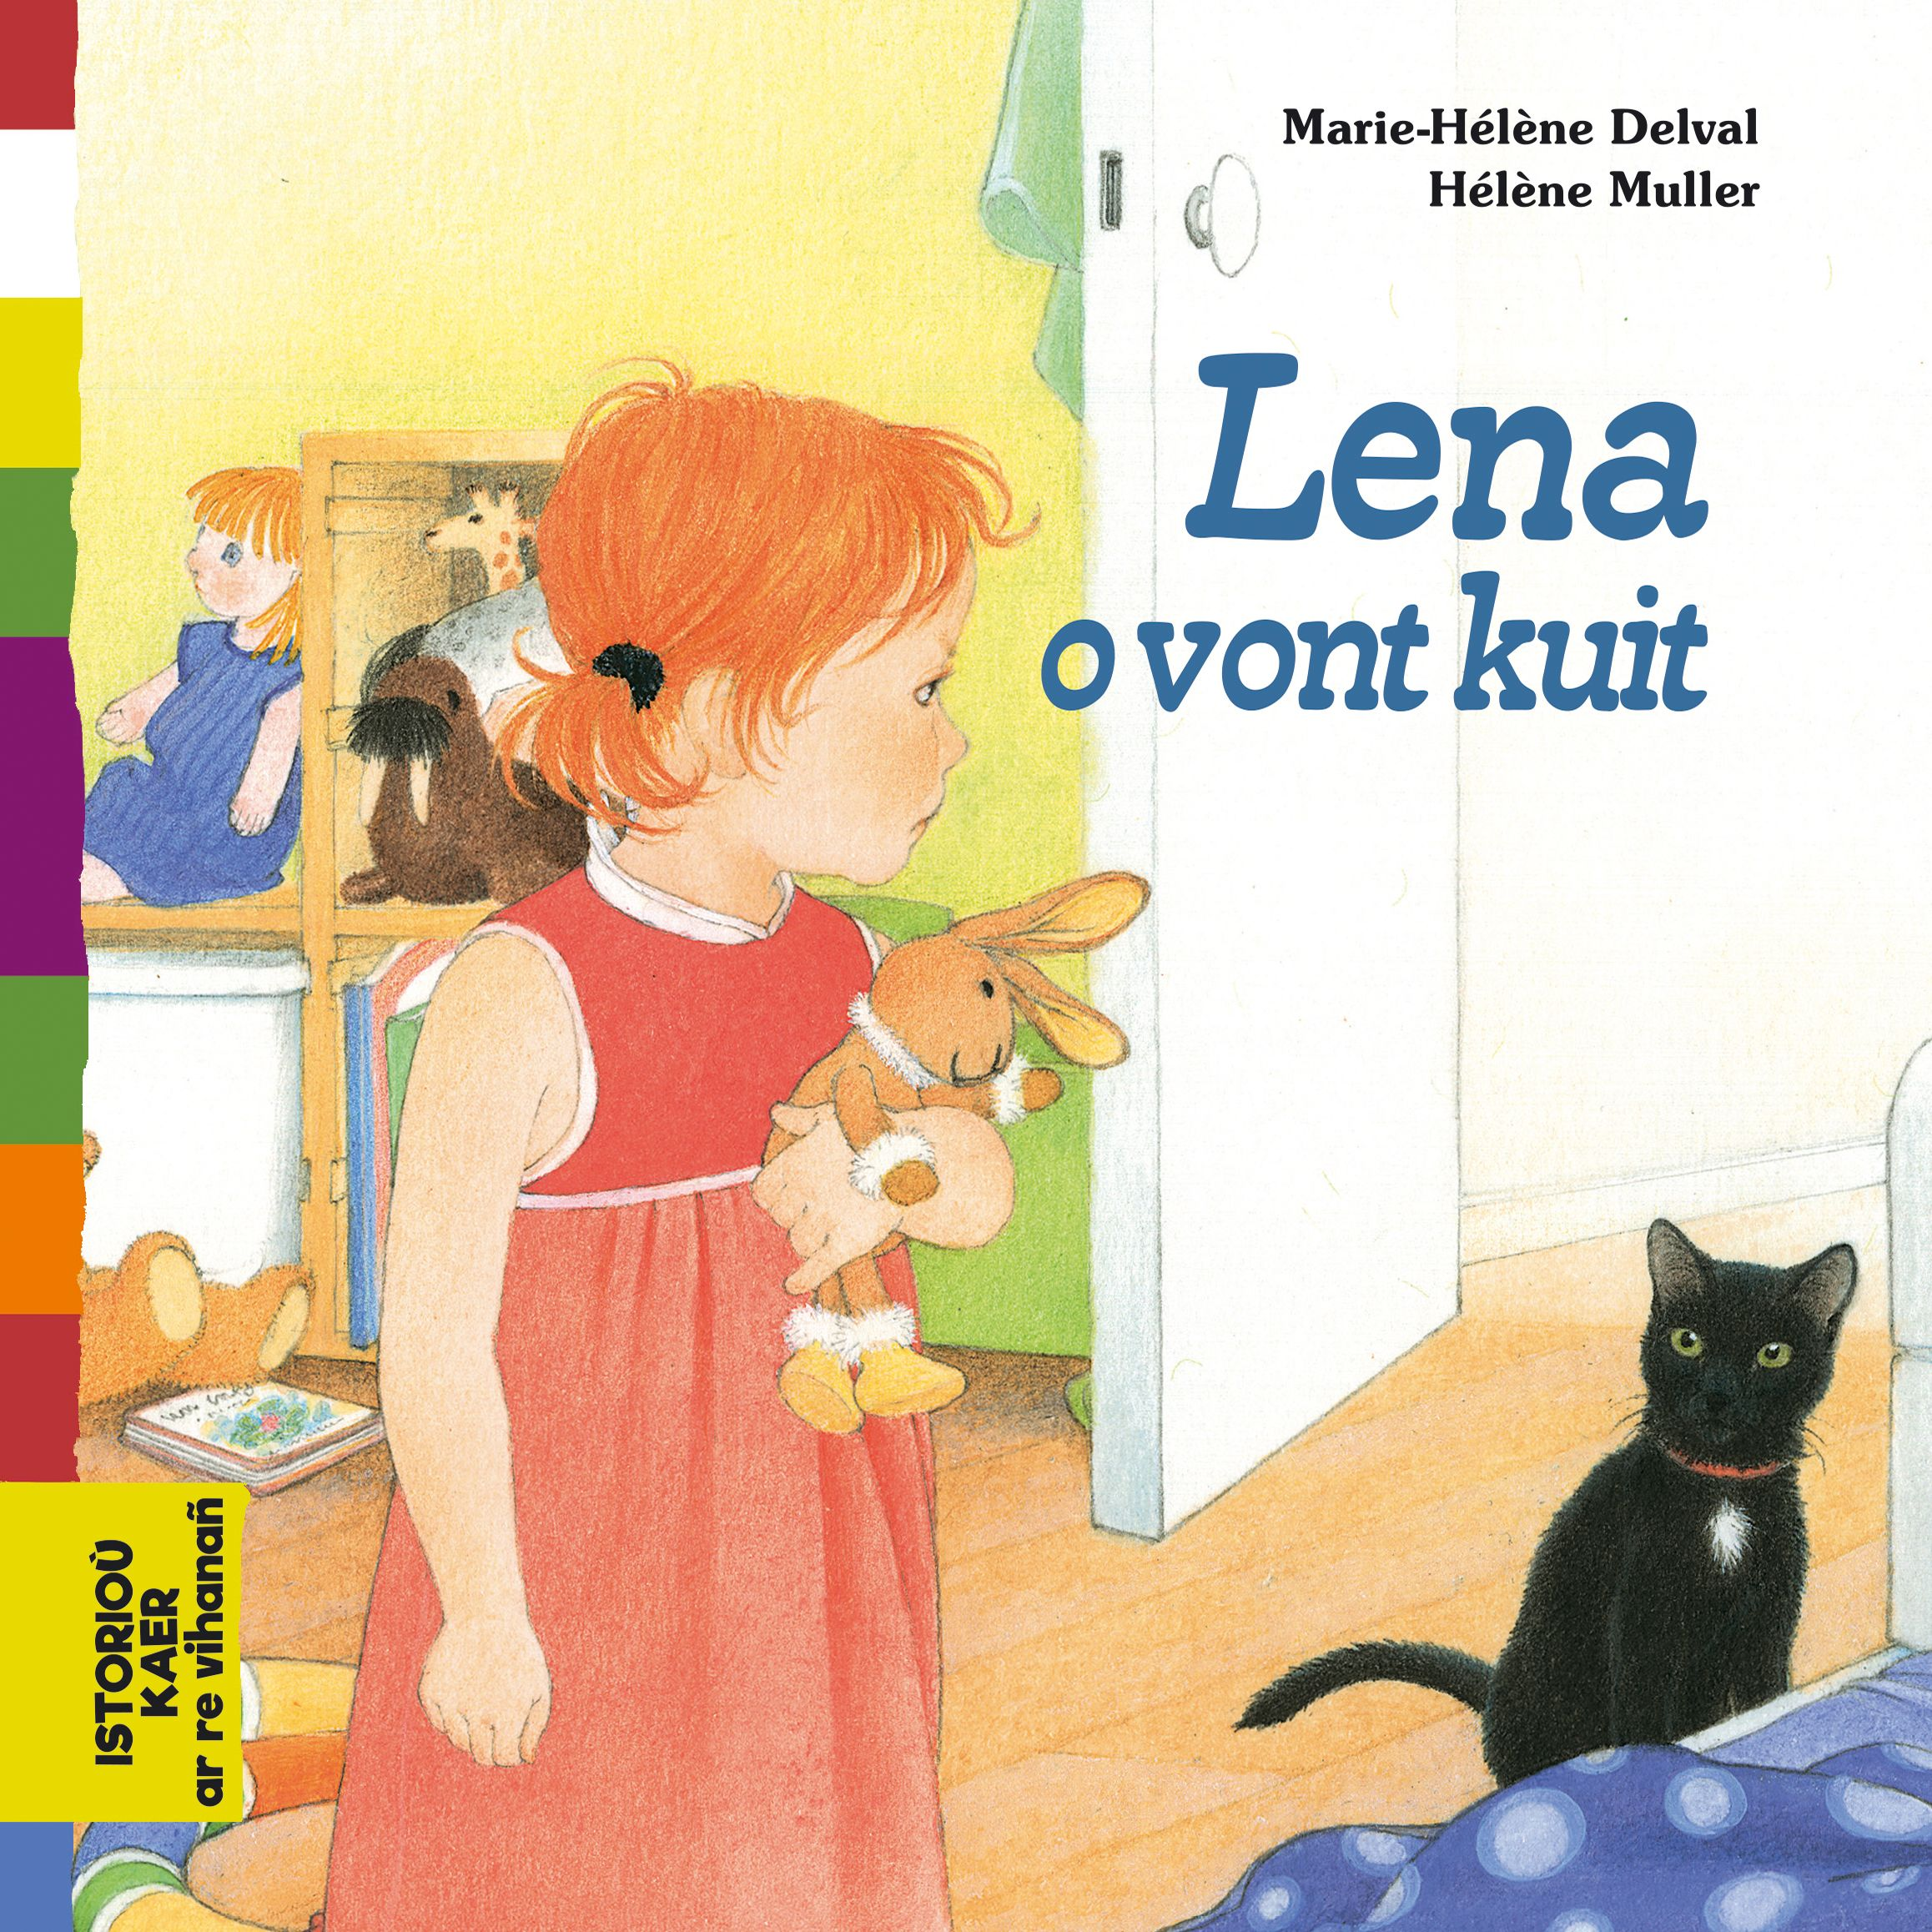 Lena s'en va